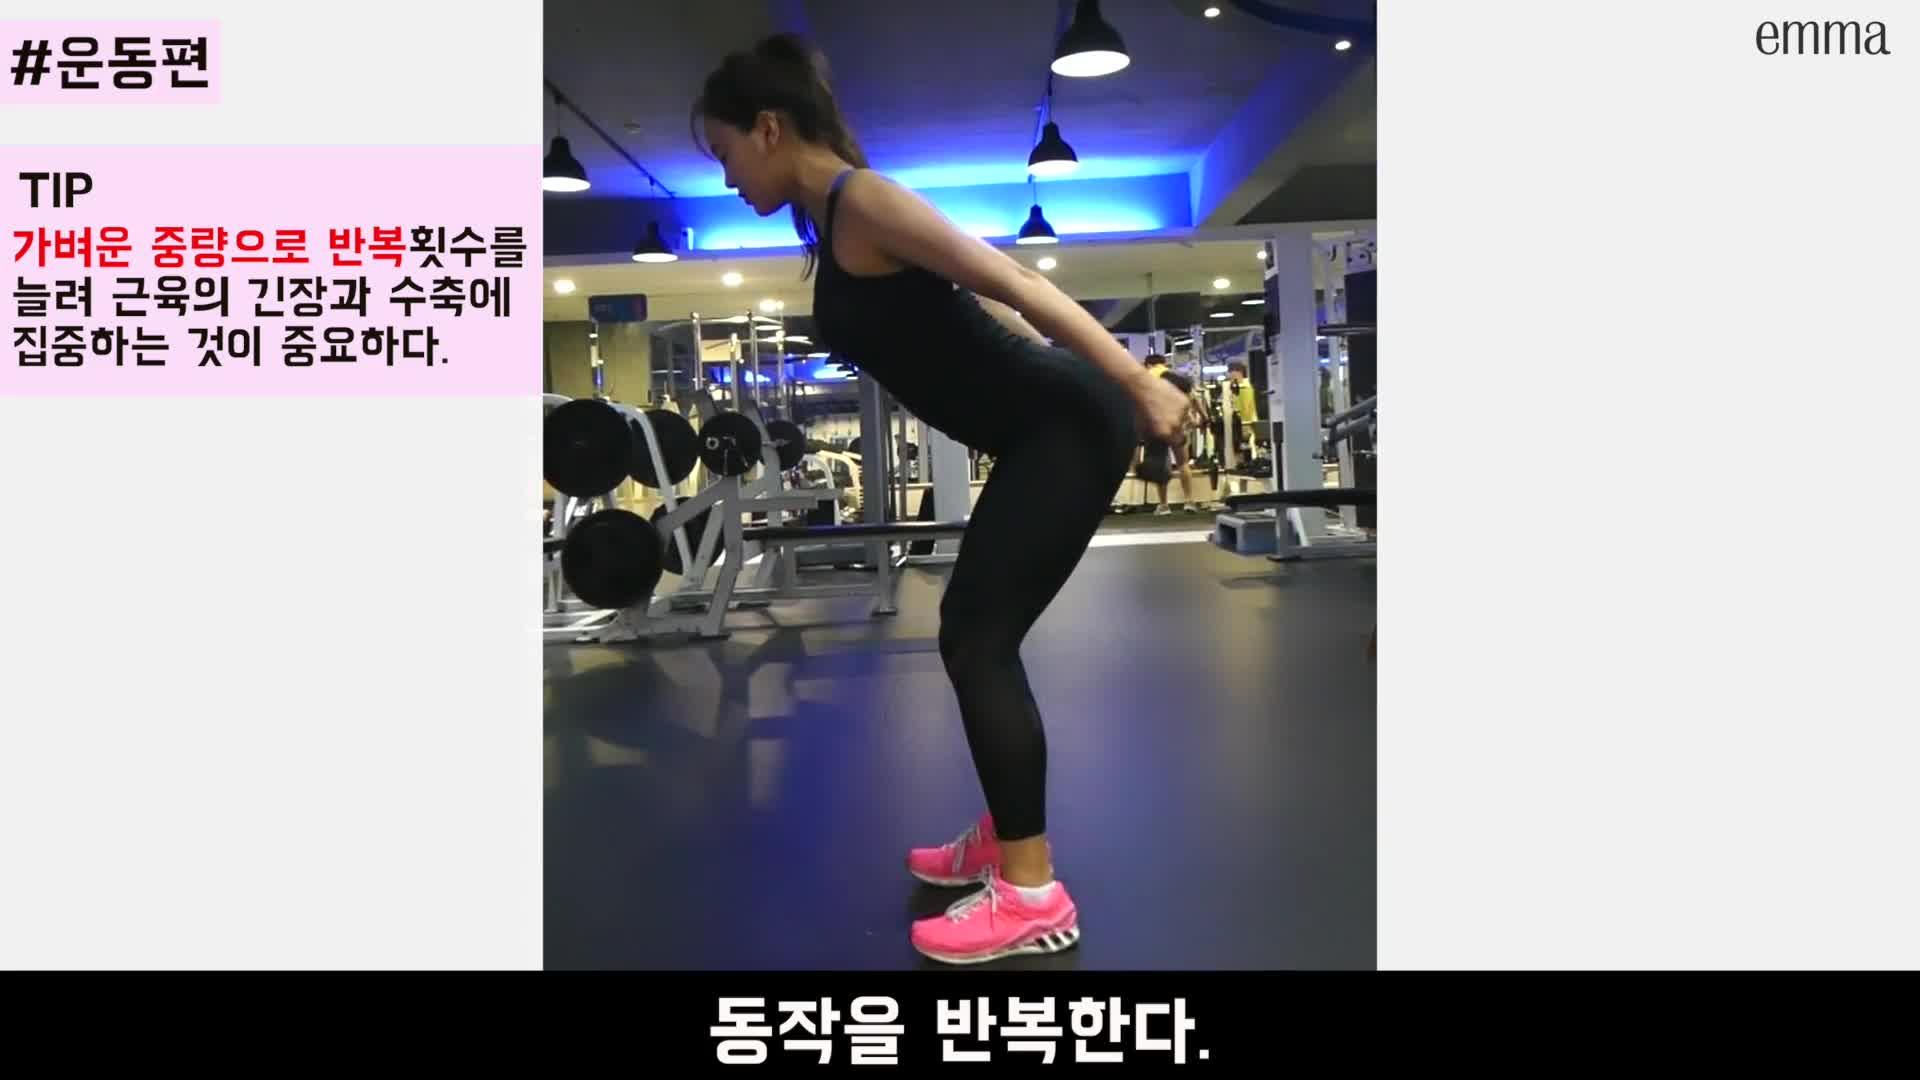 [1분팁] 김아중처럼 날씬 팔을 만들고 싶다면? 팔뚝 살 빼는 운동법 (운동편)